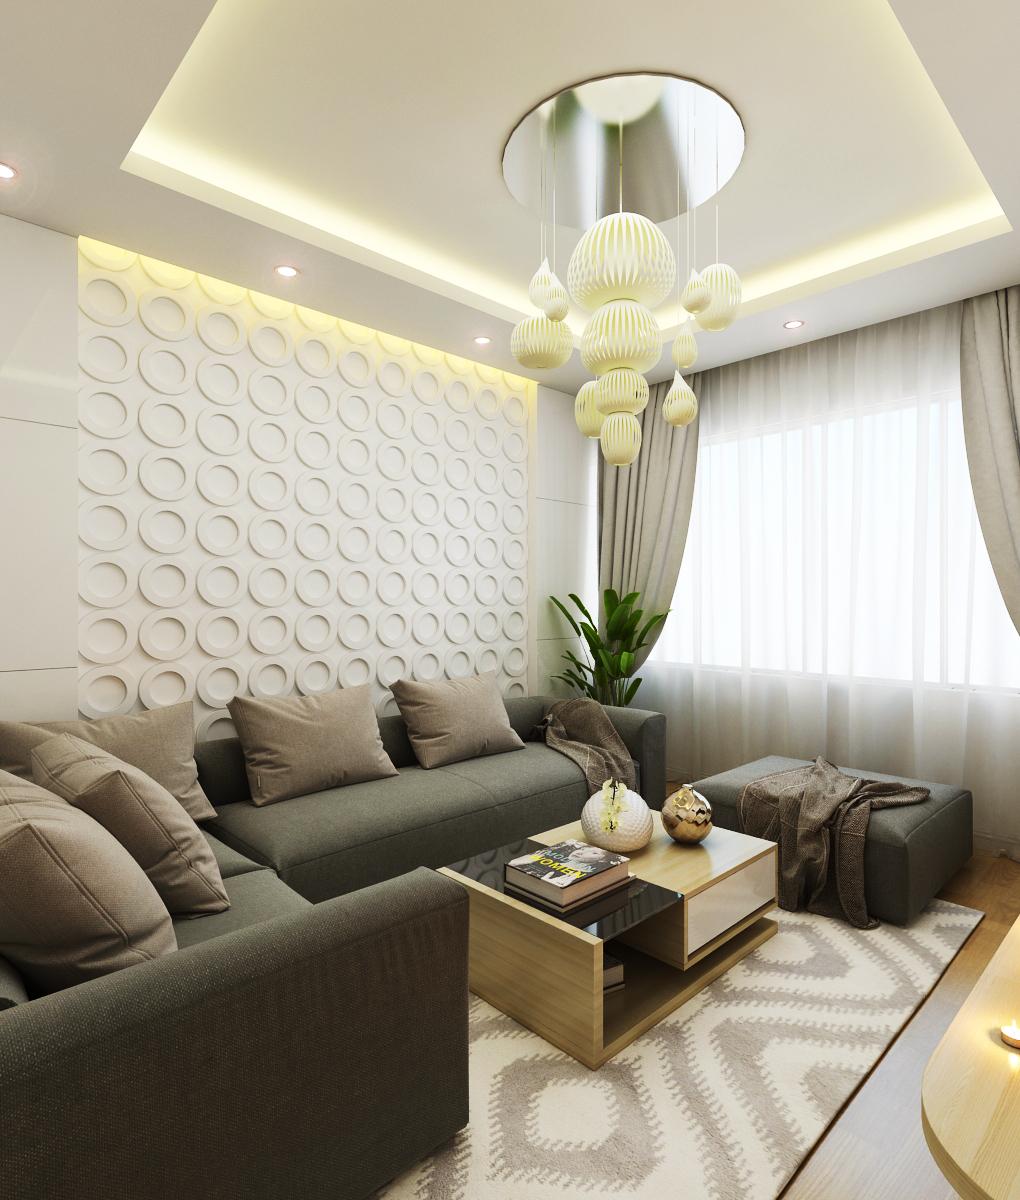 10 mẫu thiết kế phòng khách chung cư hiện đại - V-Home